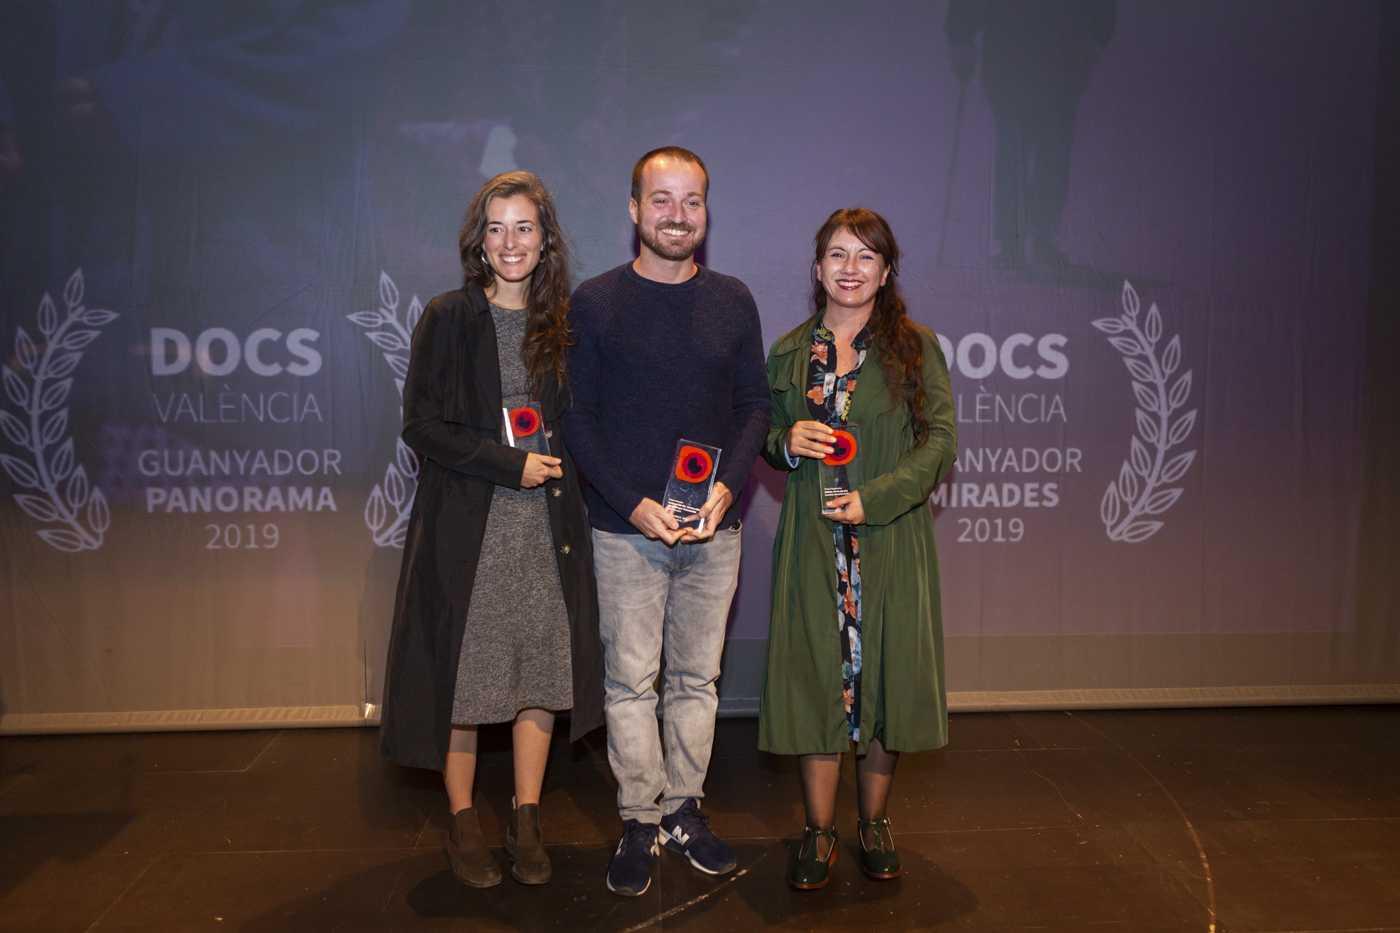 ¡Felicidades a las y los ganadores 2019!